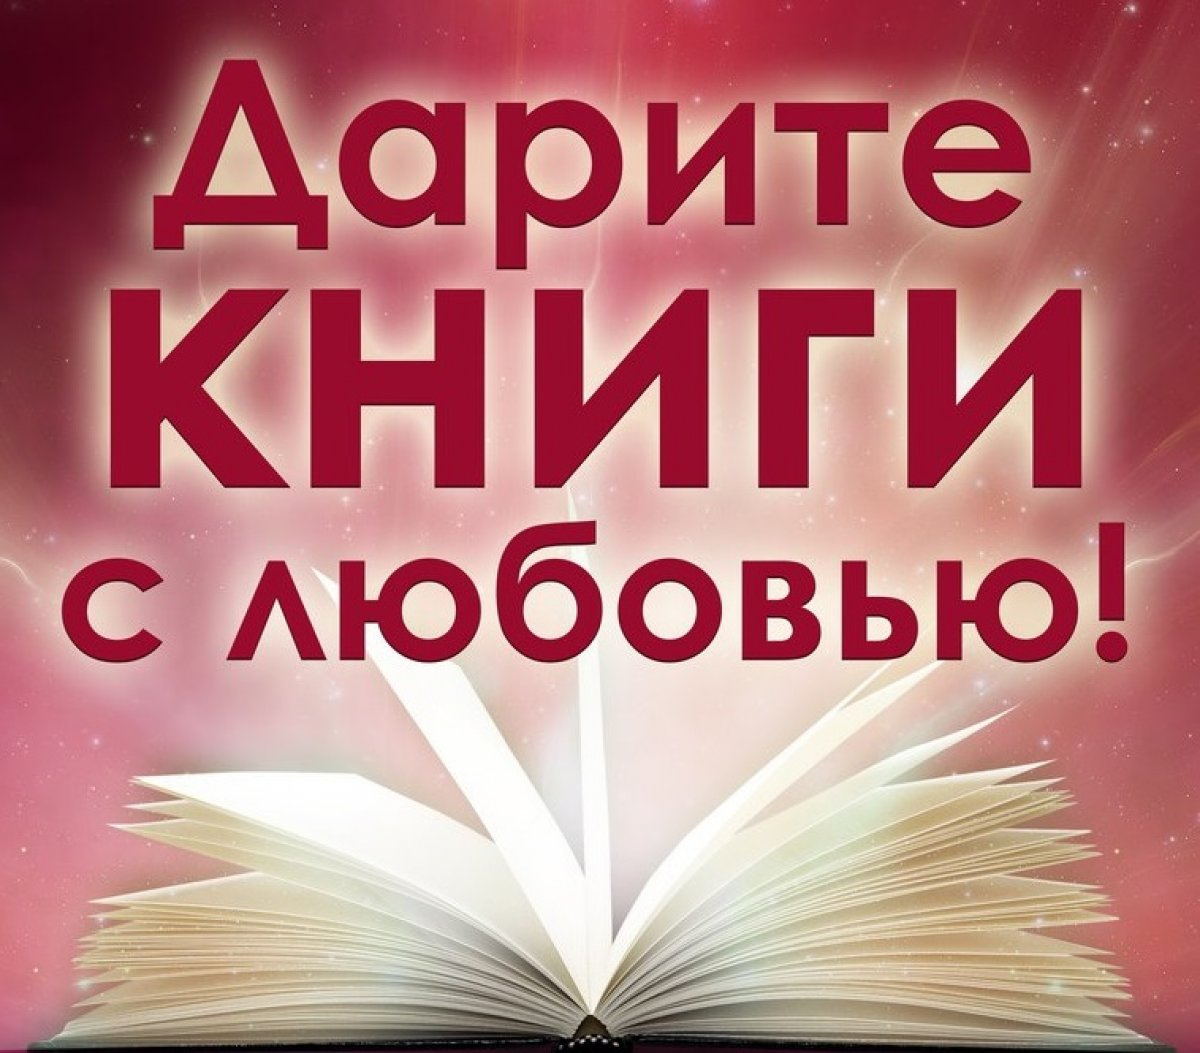 Картинки к всемирному дню книгодарения